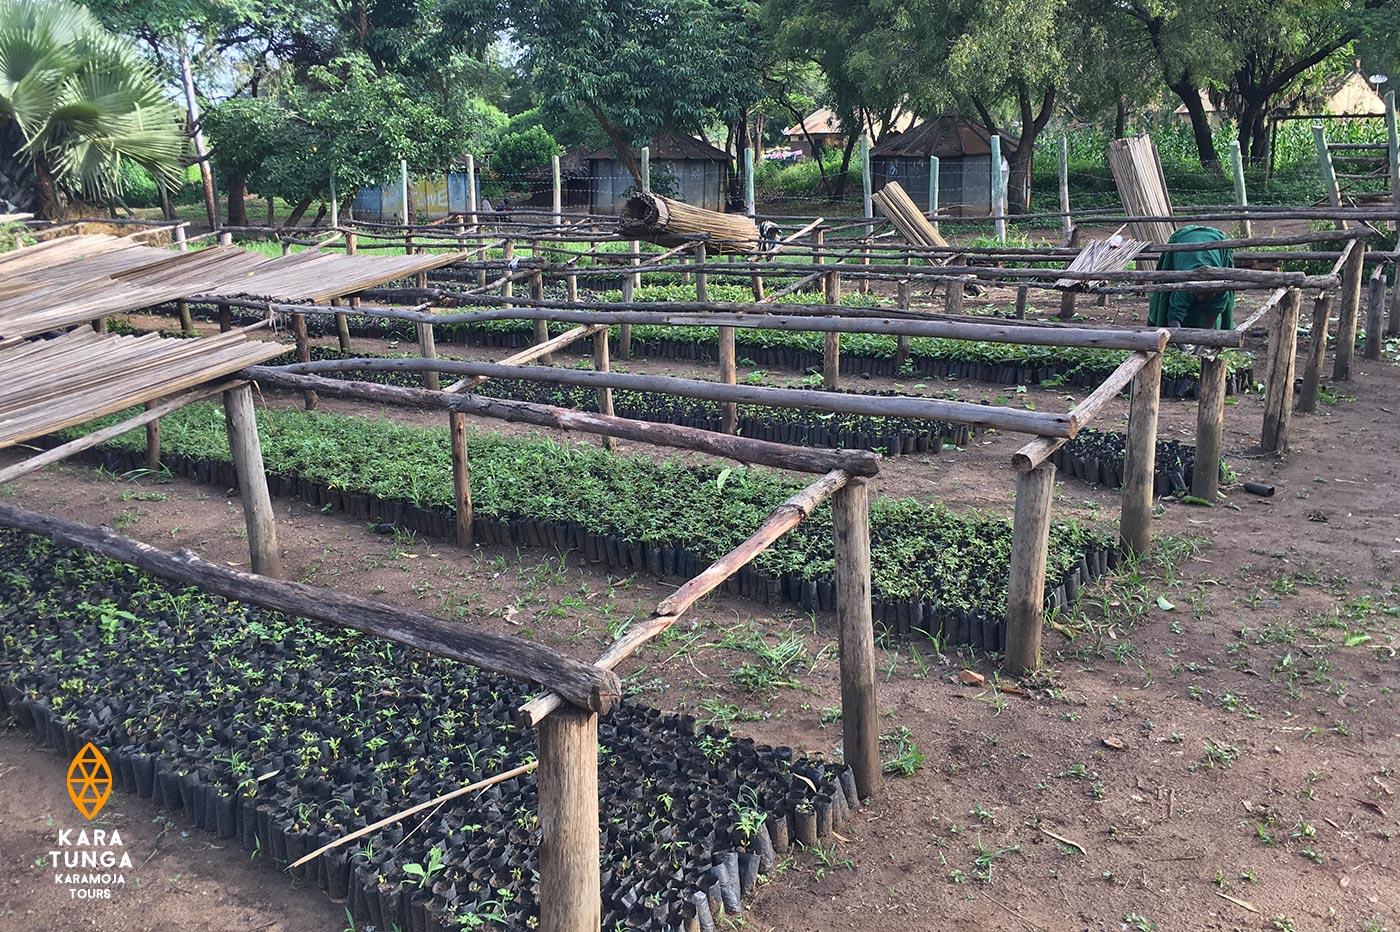 kara-tunga-tree-planting-3